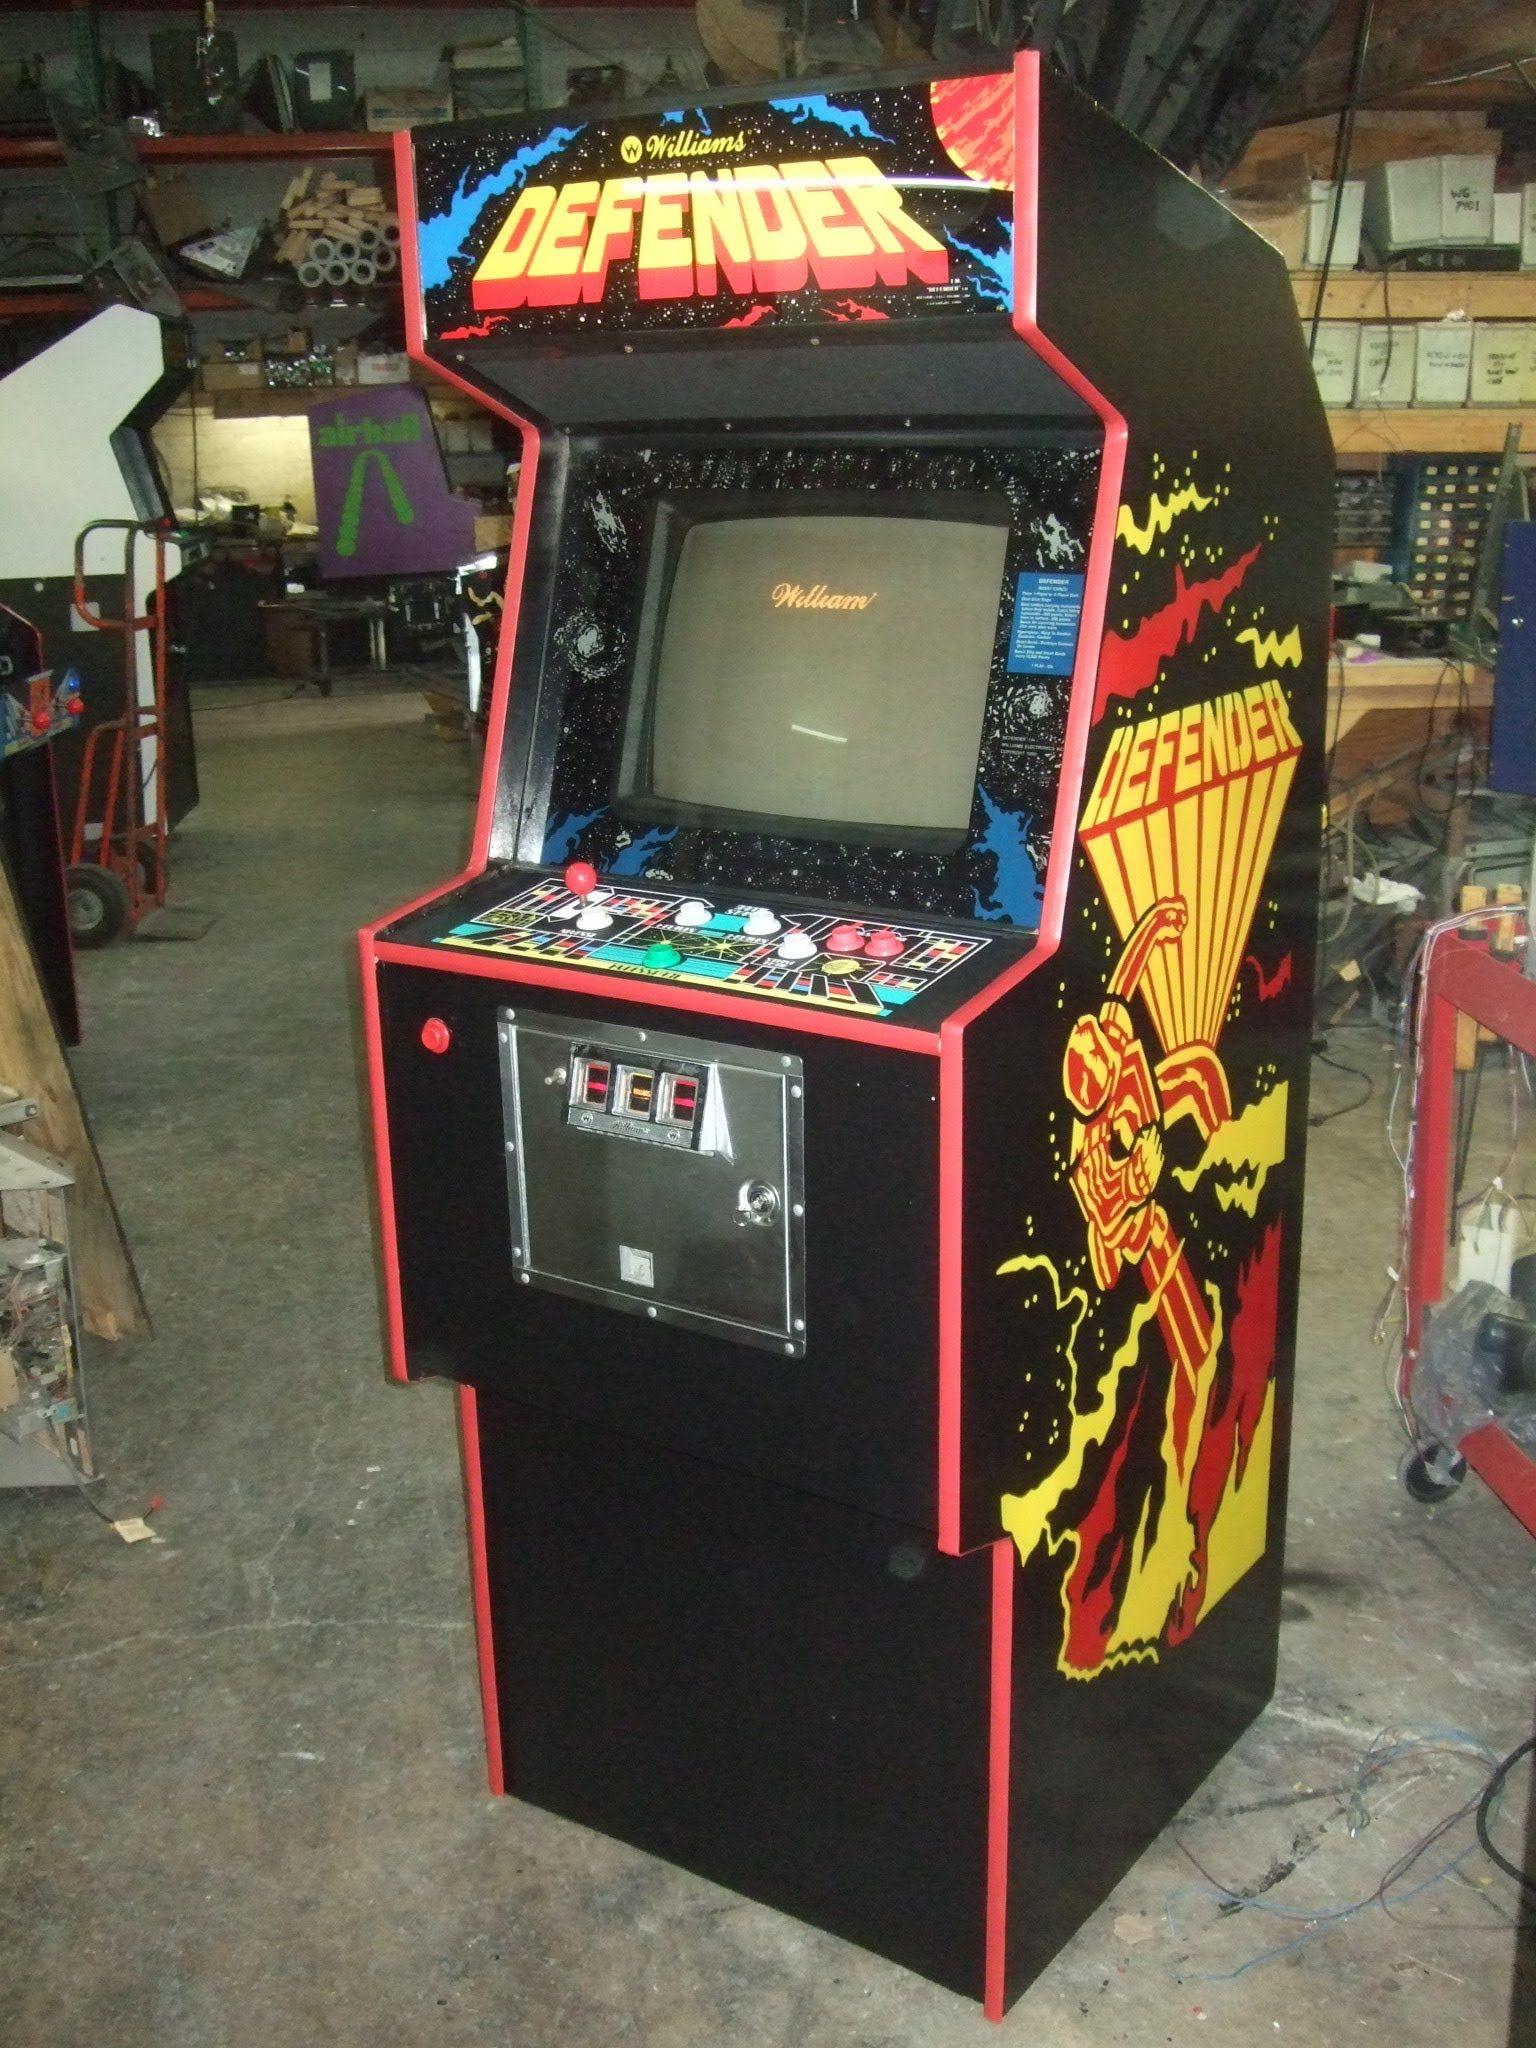 borne arcade defender